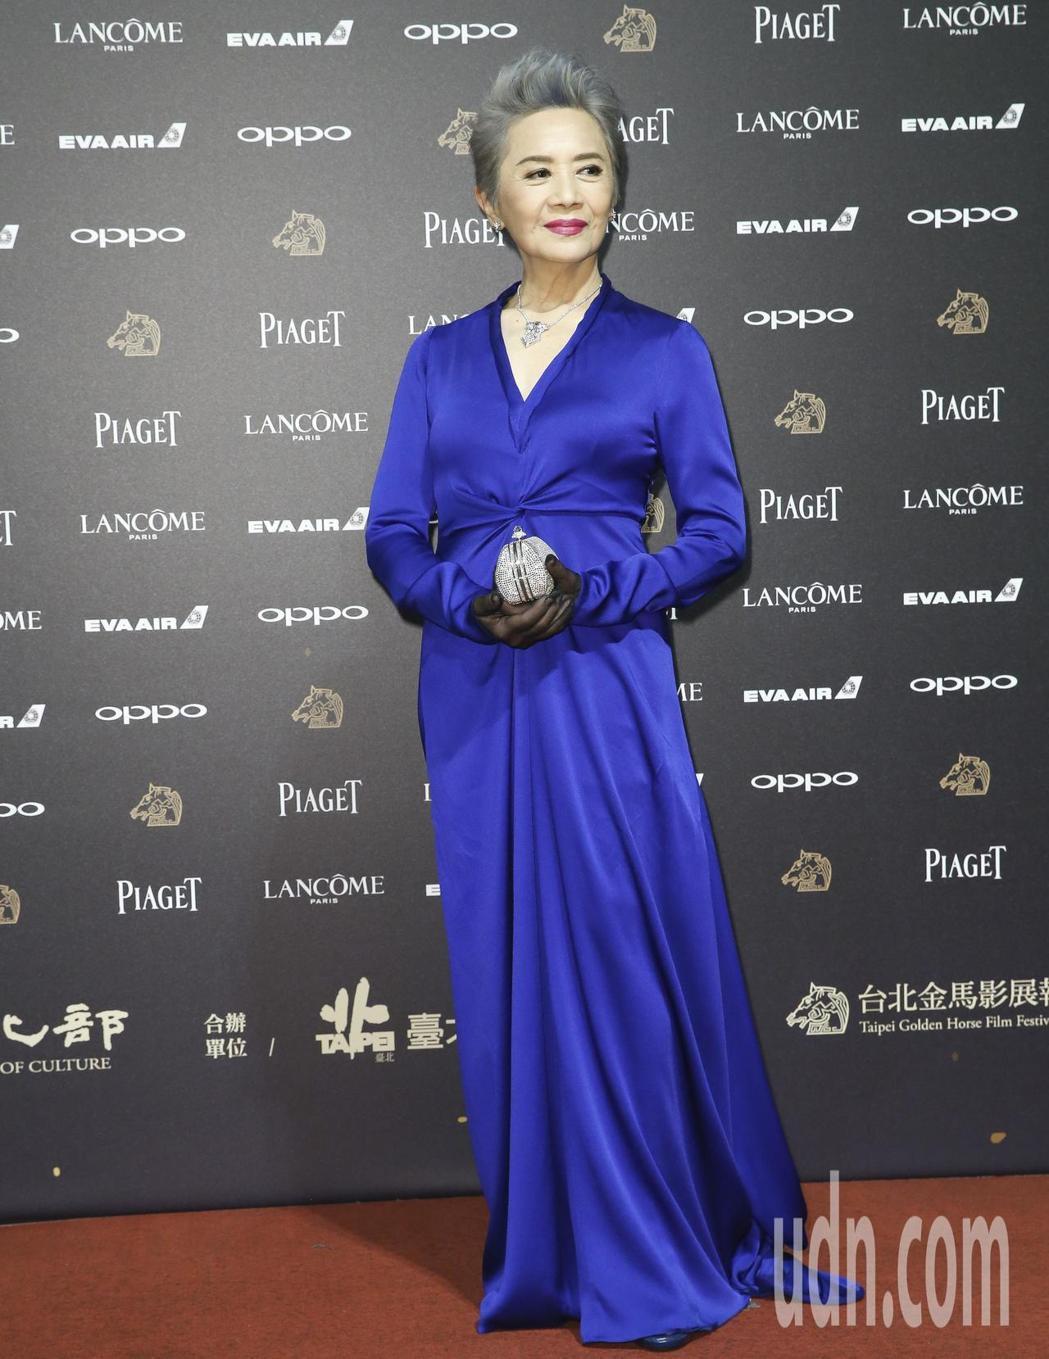 葉德嫻現身第54屆金馬獎落幕,標準配備「手套」依舊不離身。記者/林俊良攝影